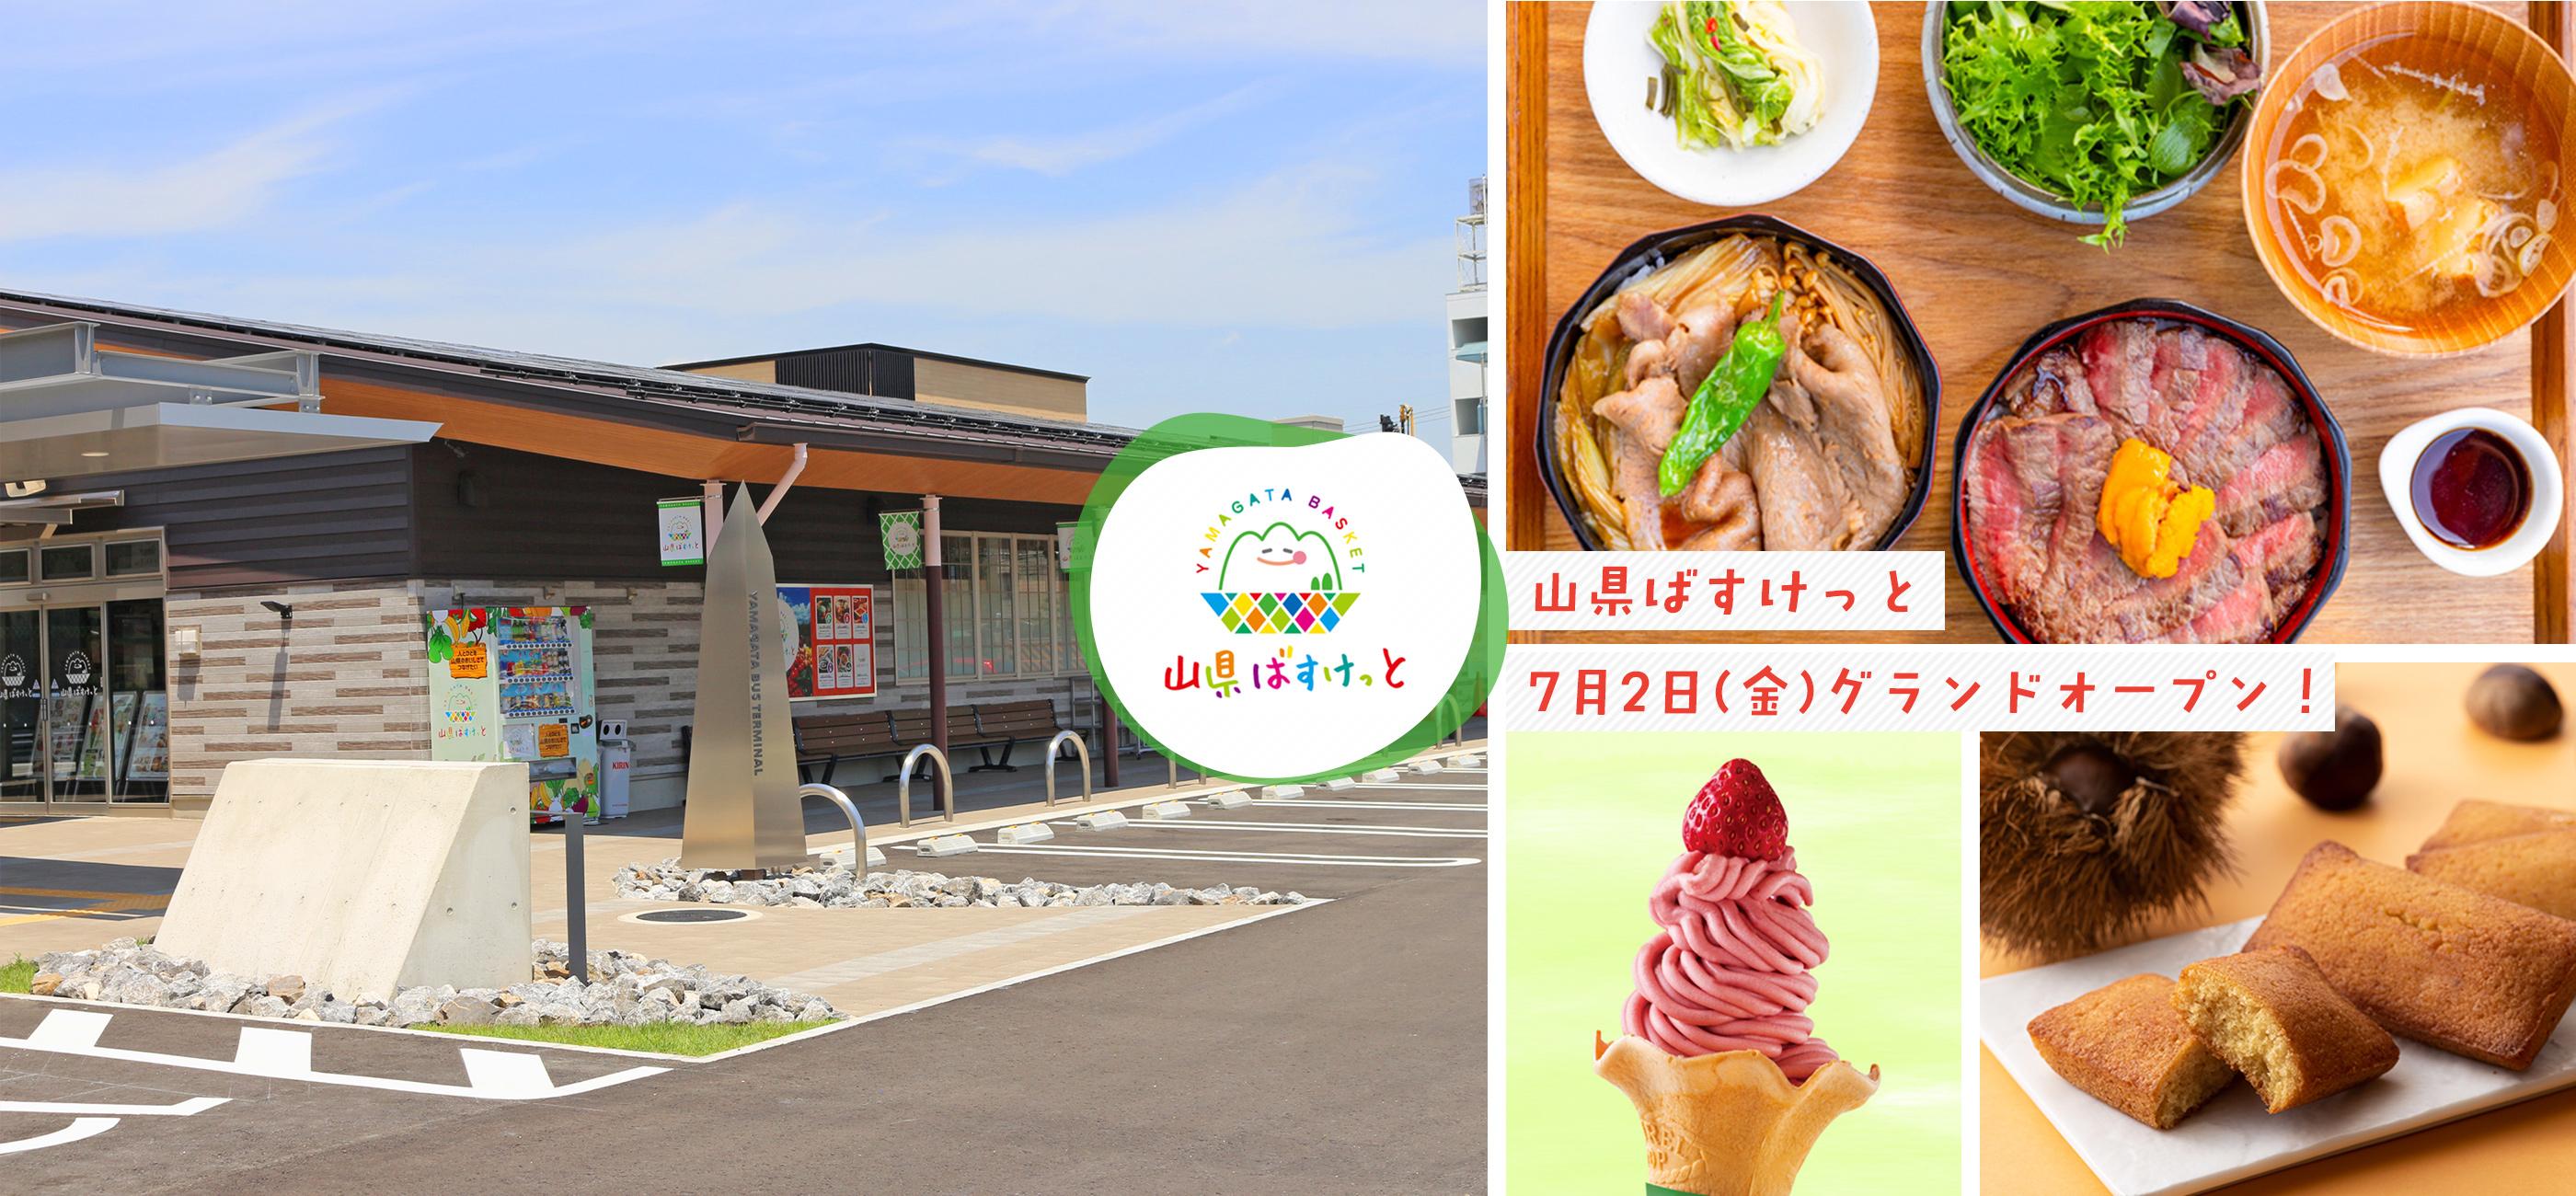 山県ばすけっと 7月2日(金)グランドオープン!